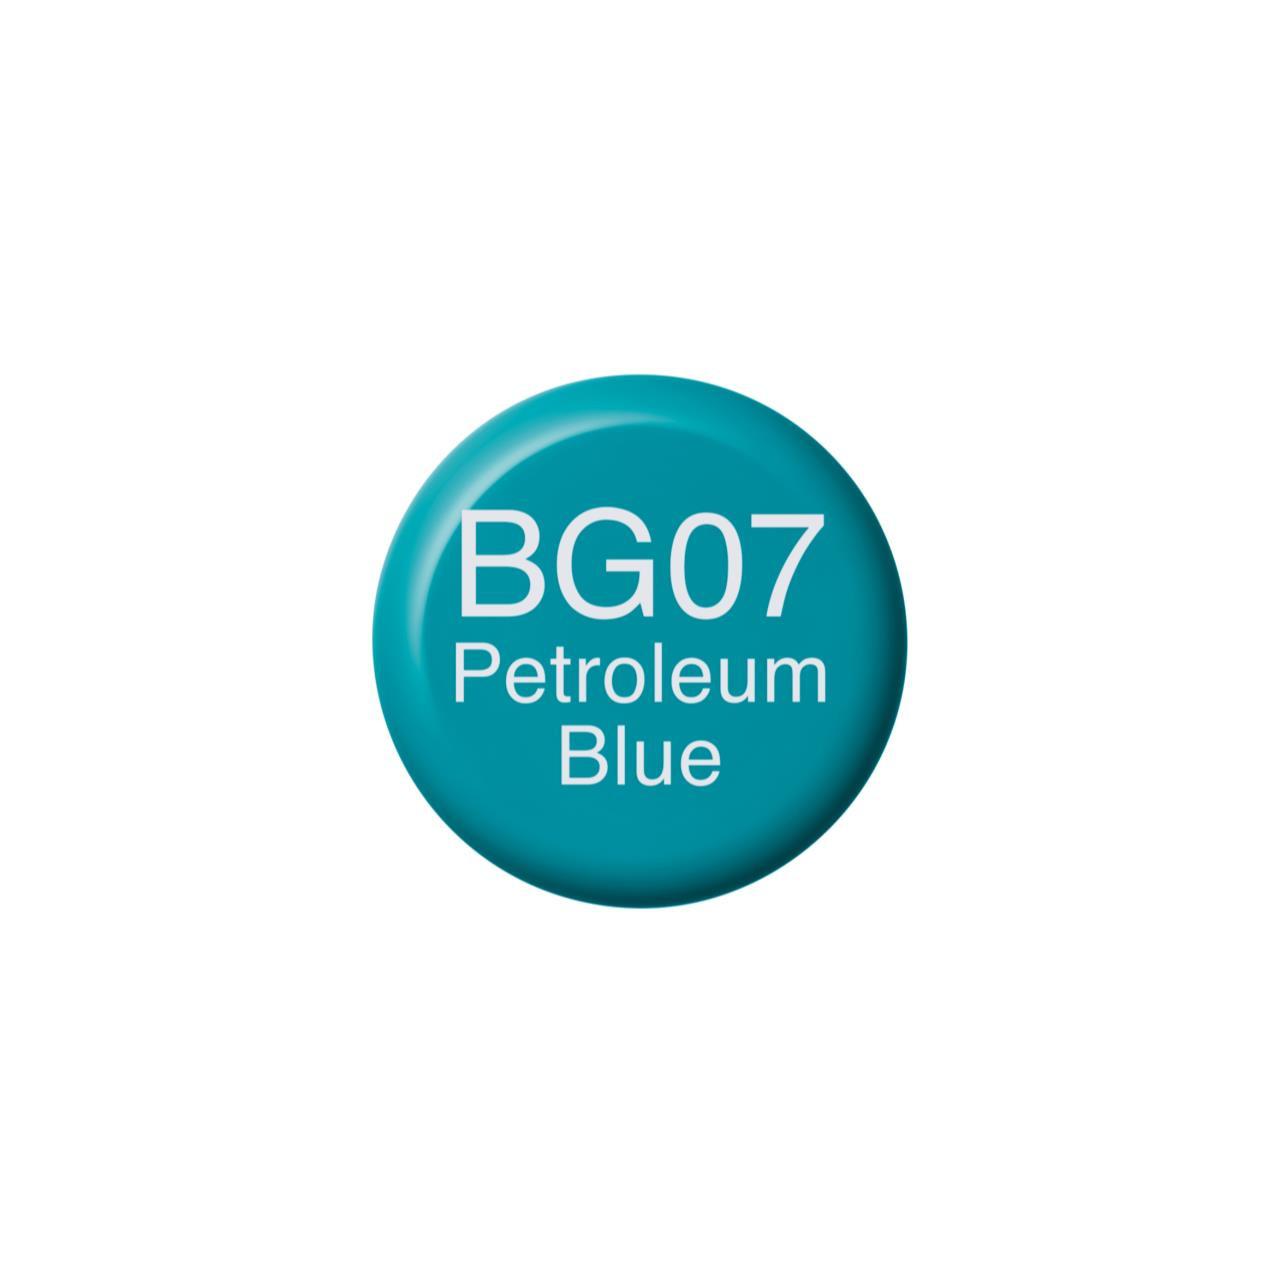 BG07 Petroleum Blue, Copic Ink - 4511338056202